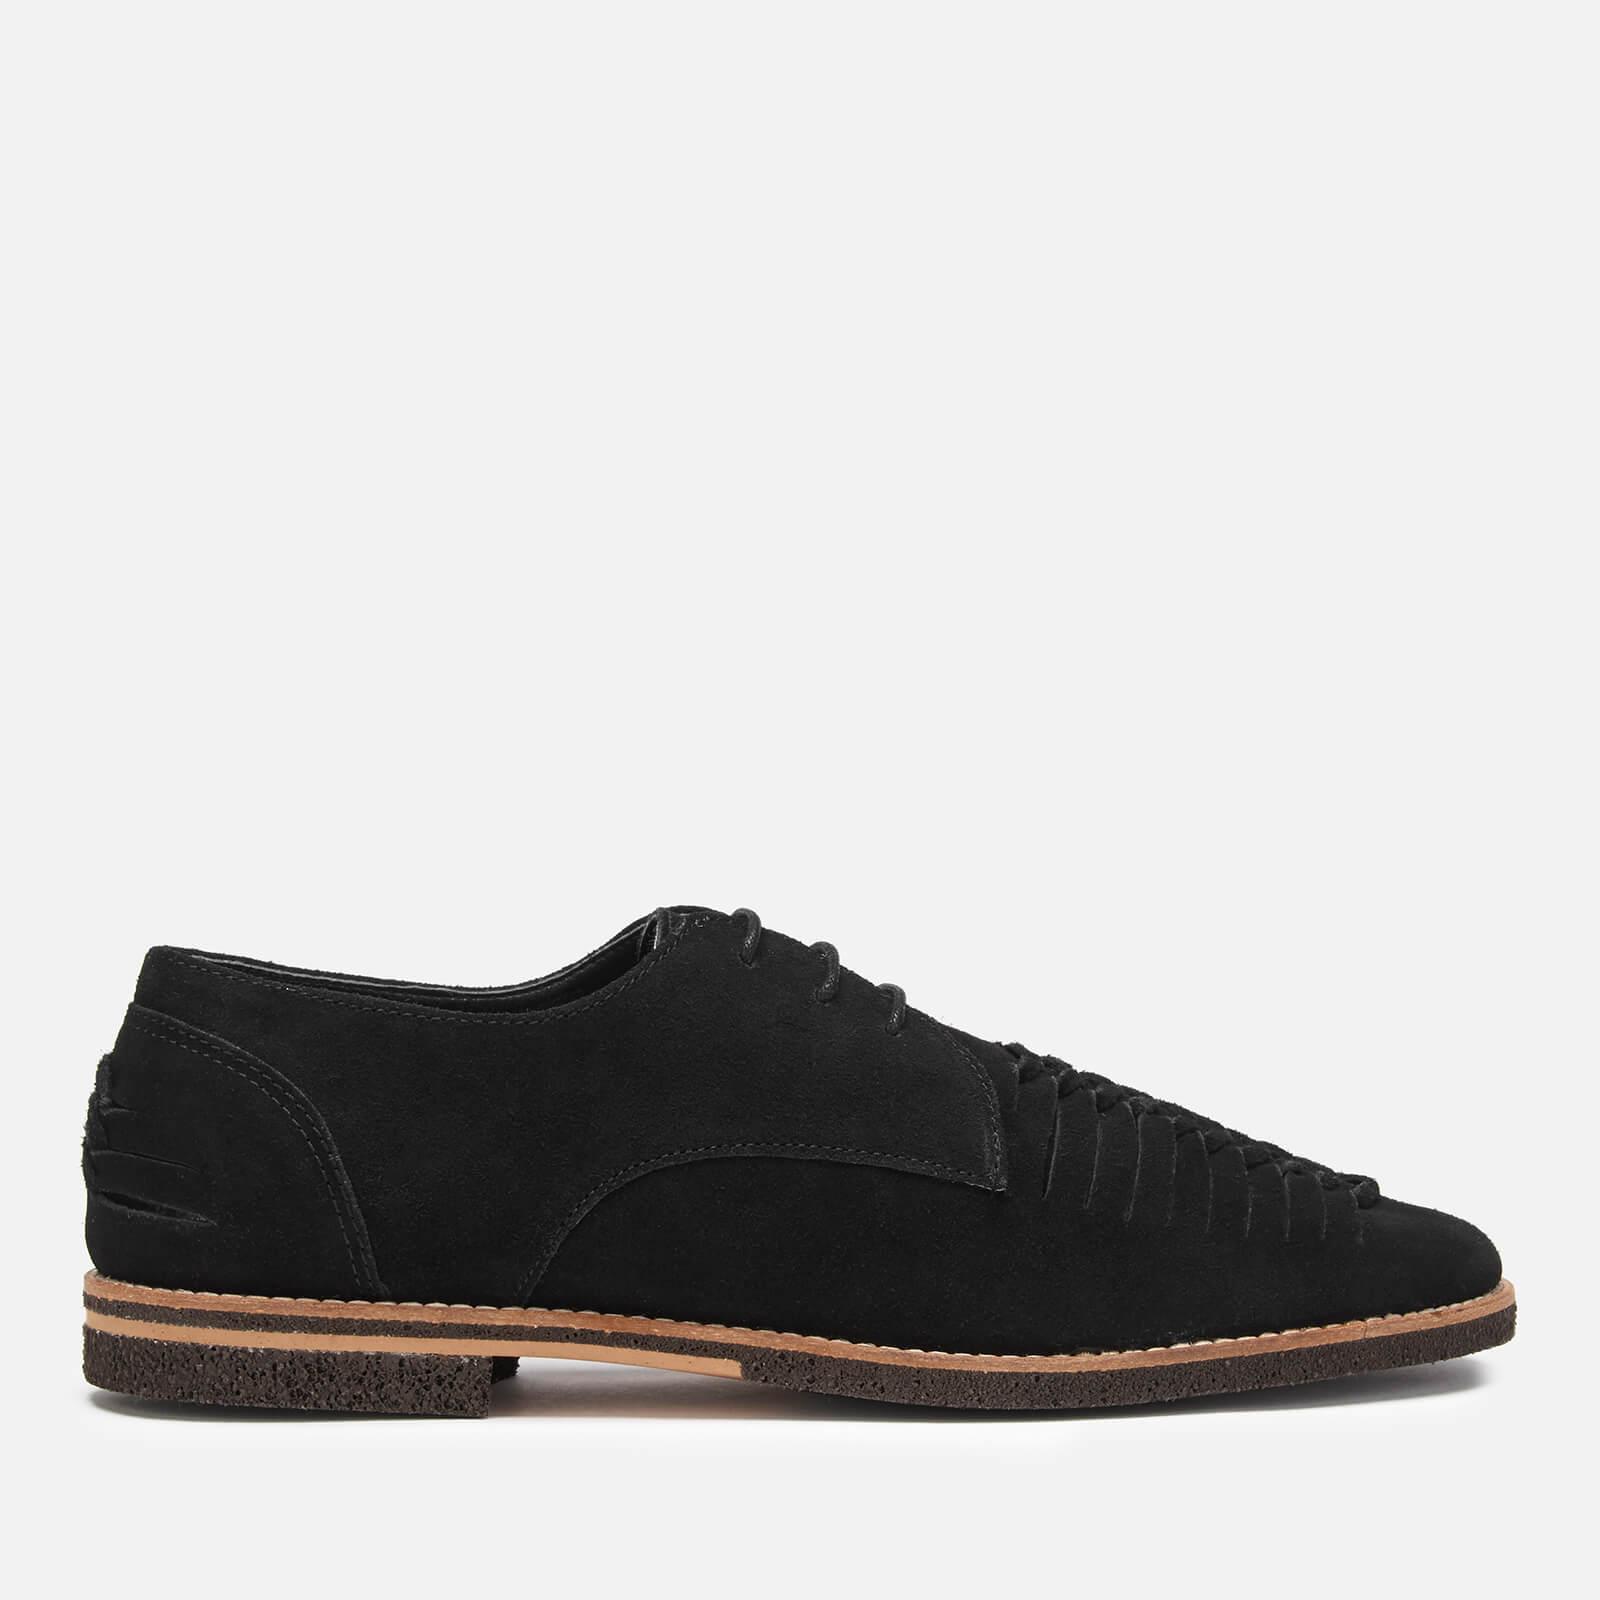 Hudson London Men's Chatra Woven Suede Derby Shoes - Black - UK 10